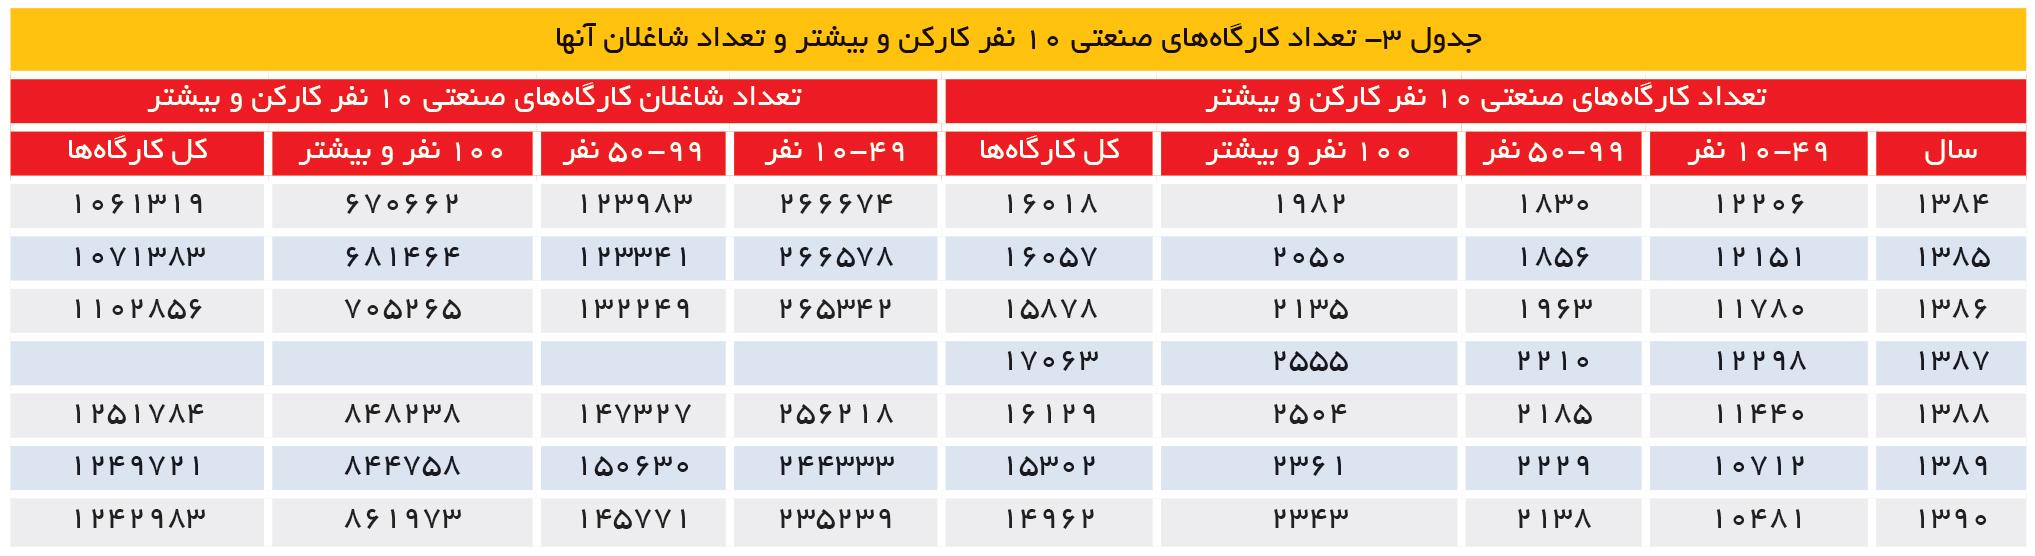 تجارت- فردا- جدول 3- تعداد کارگاههای صنعتی 10 نفر کارکن و بیشتر و تعداد شاغلان آنها